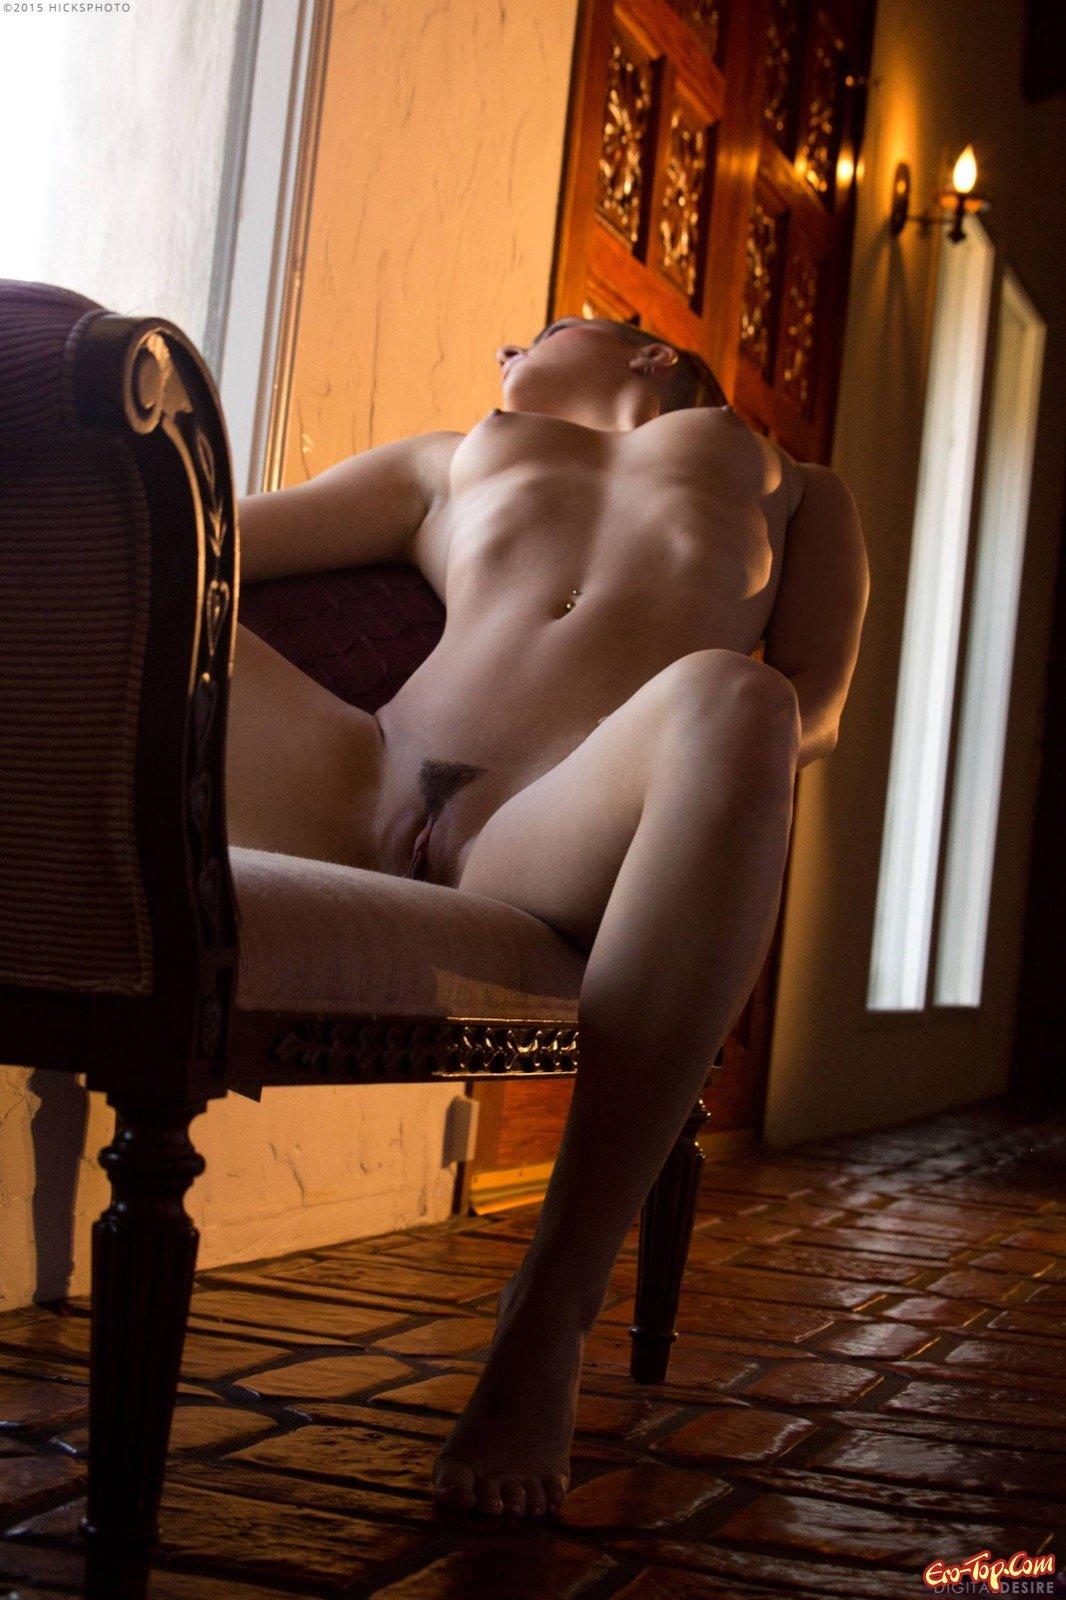 Чика с волосатым влагалищем показала голые сиськи